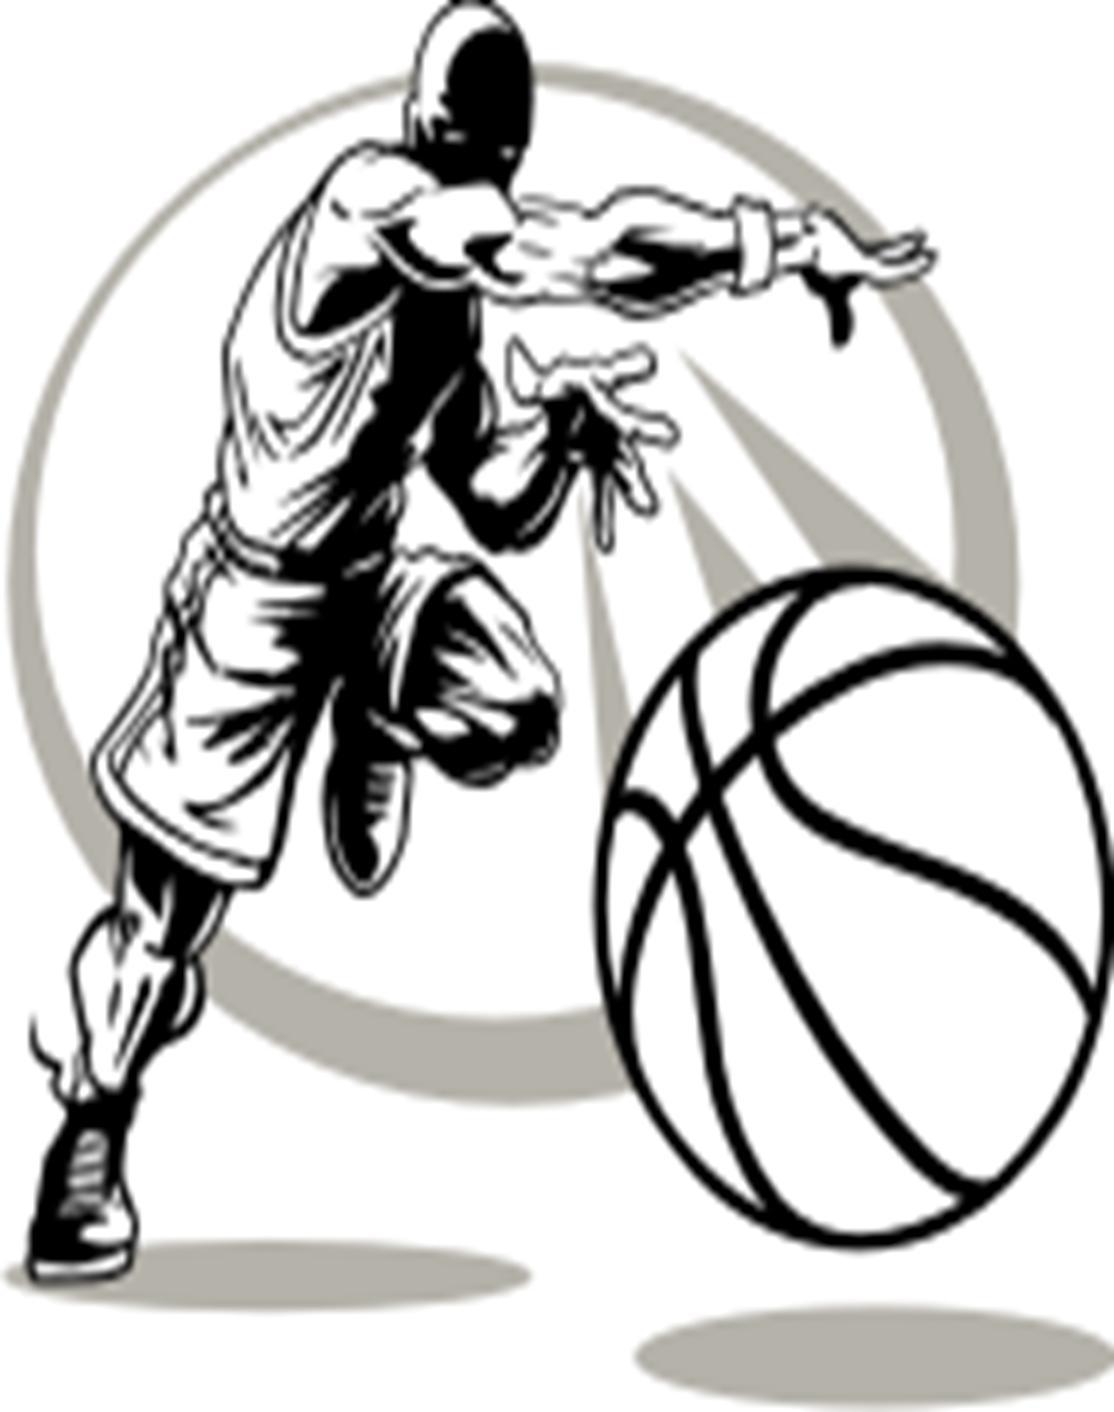 Boys Basketball Clipart.